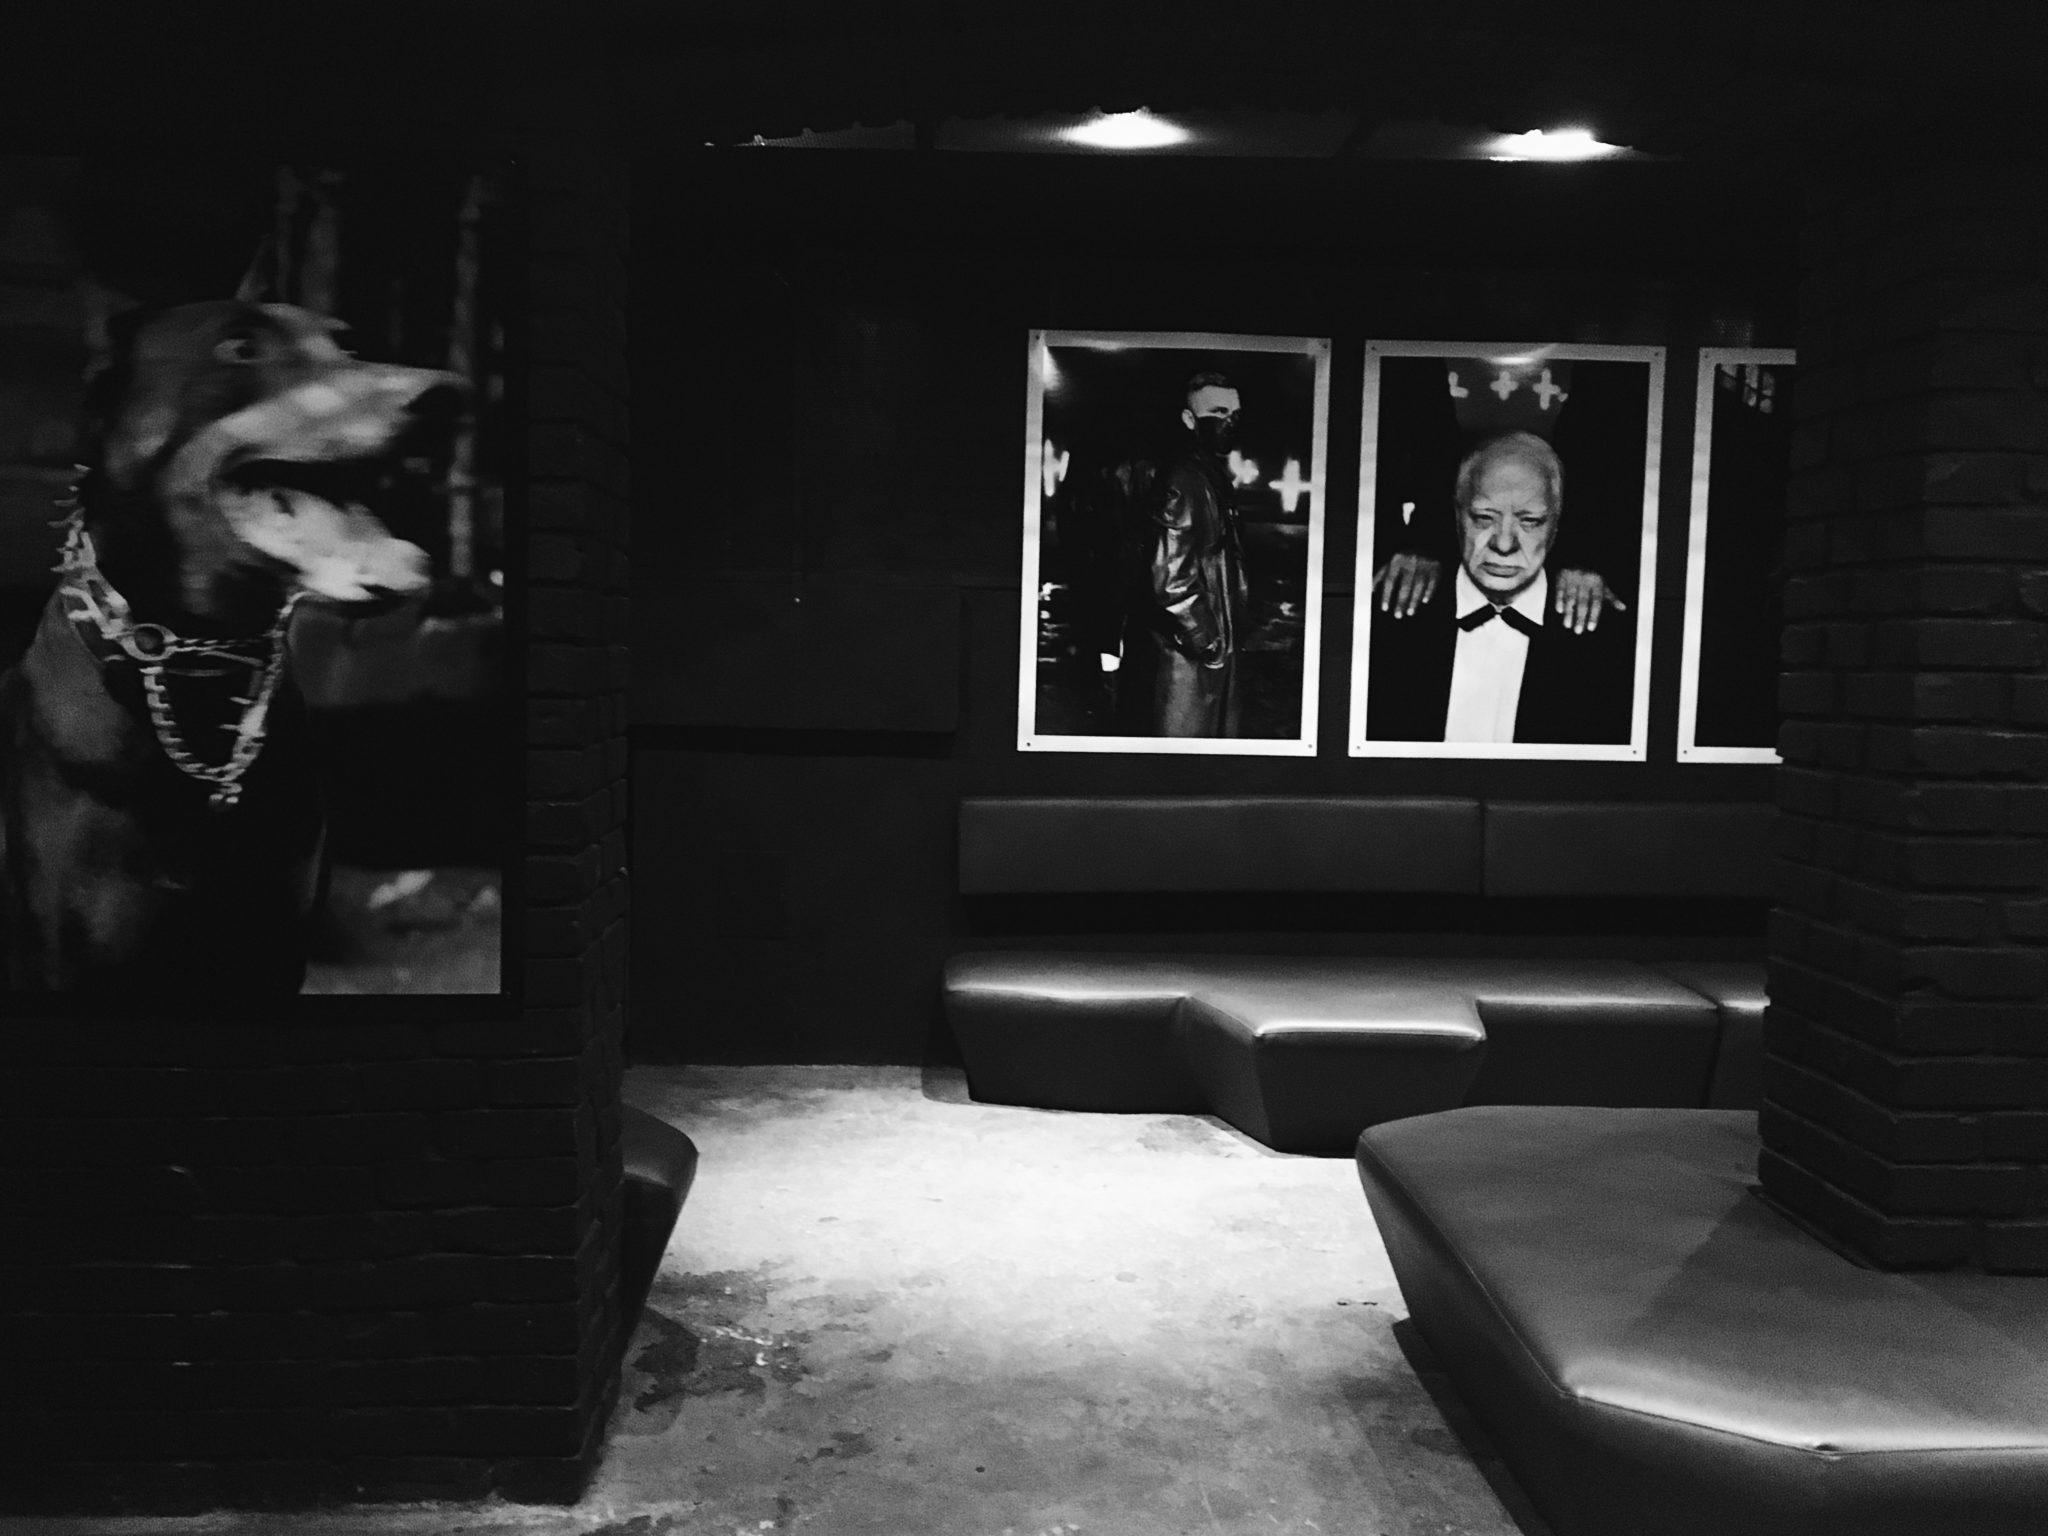 Zdjęcie z wystawy fotografii Svena Marquardta